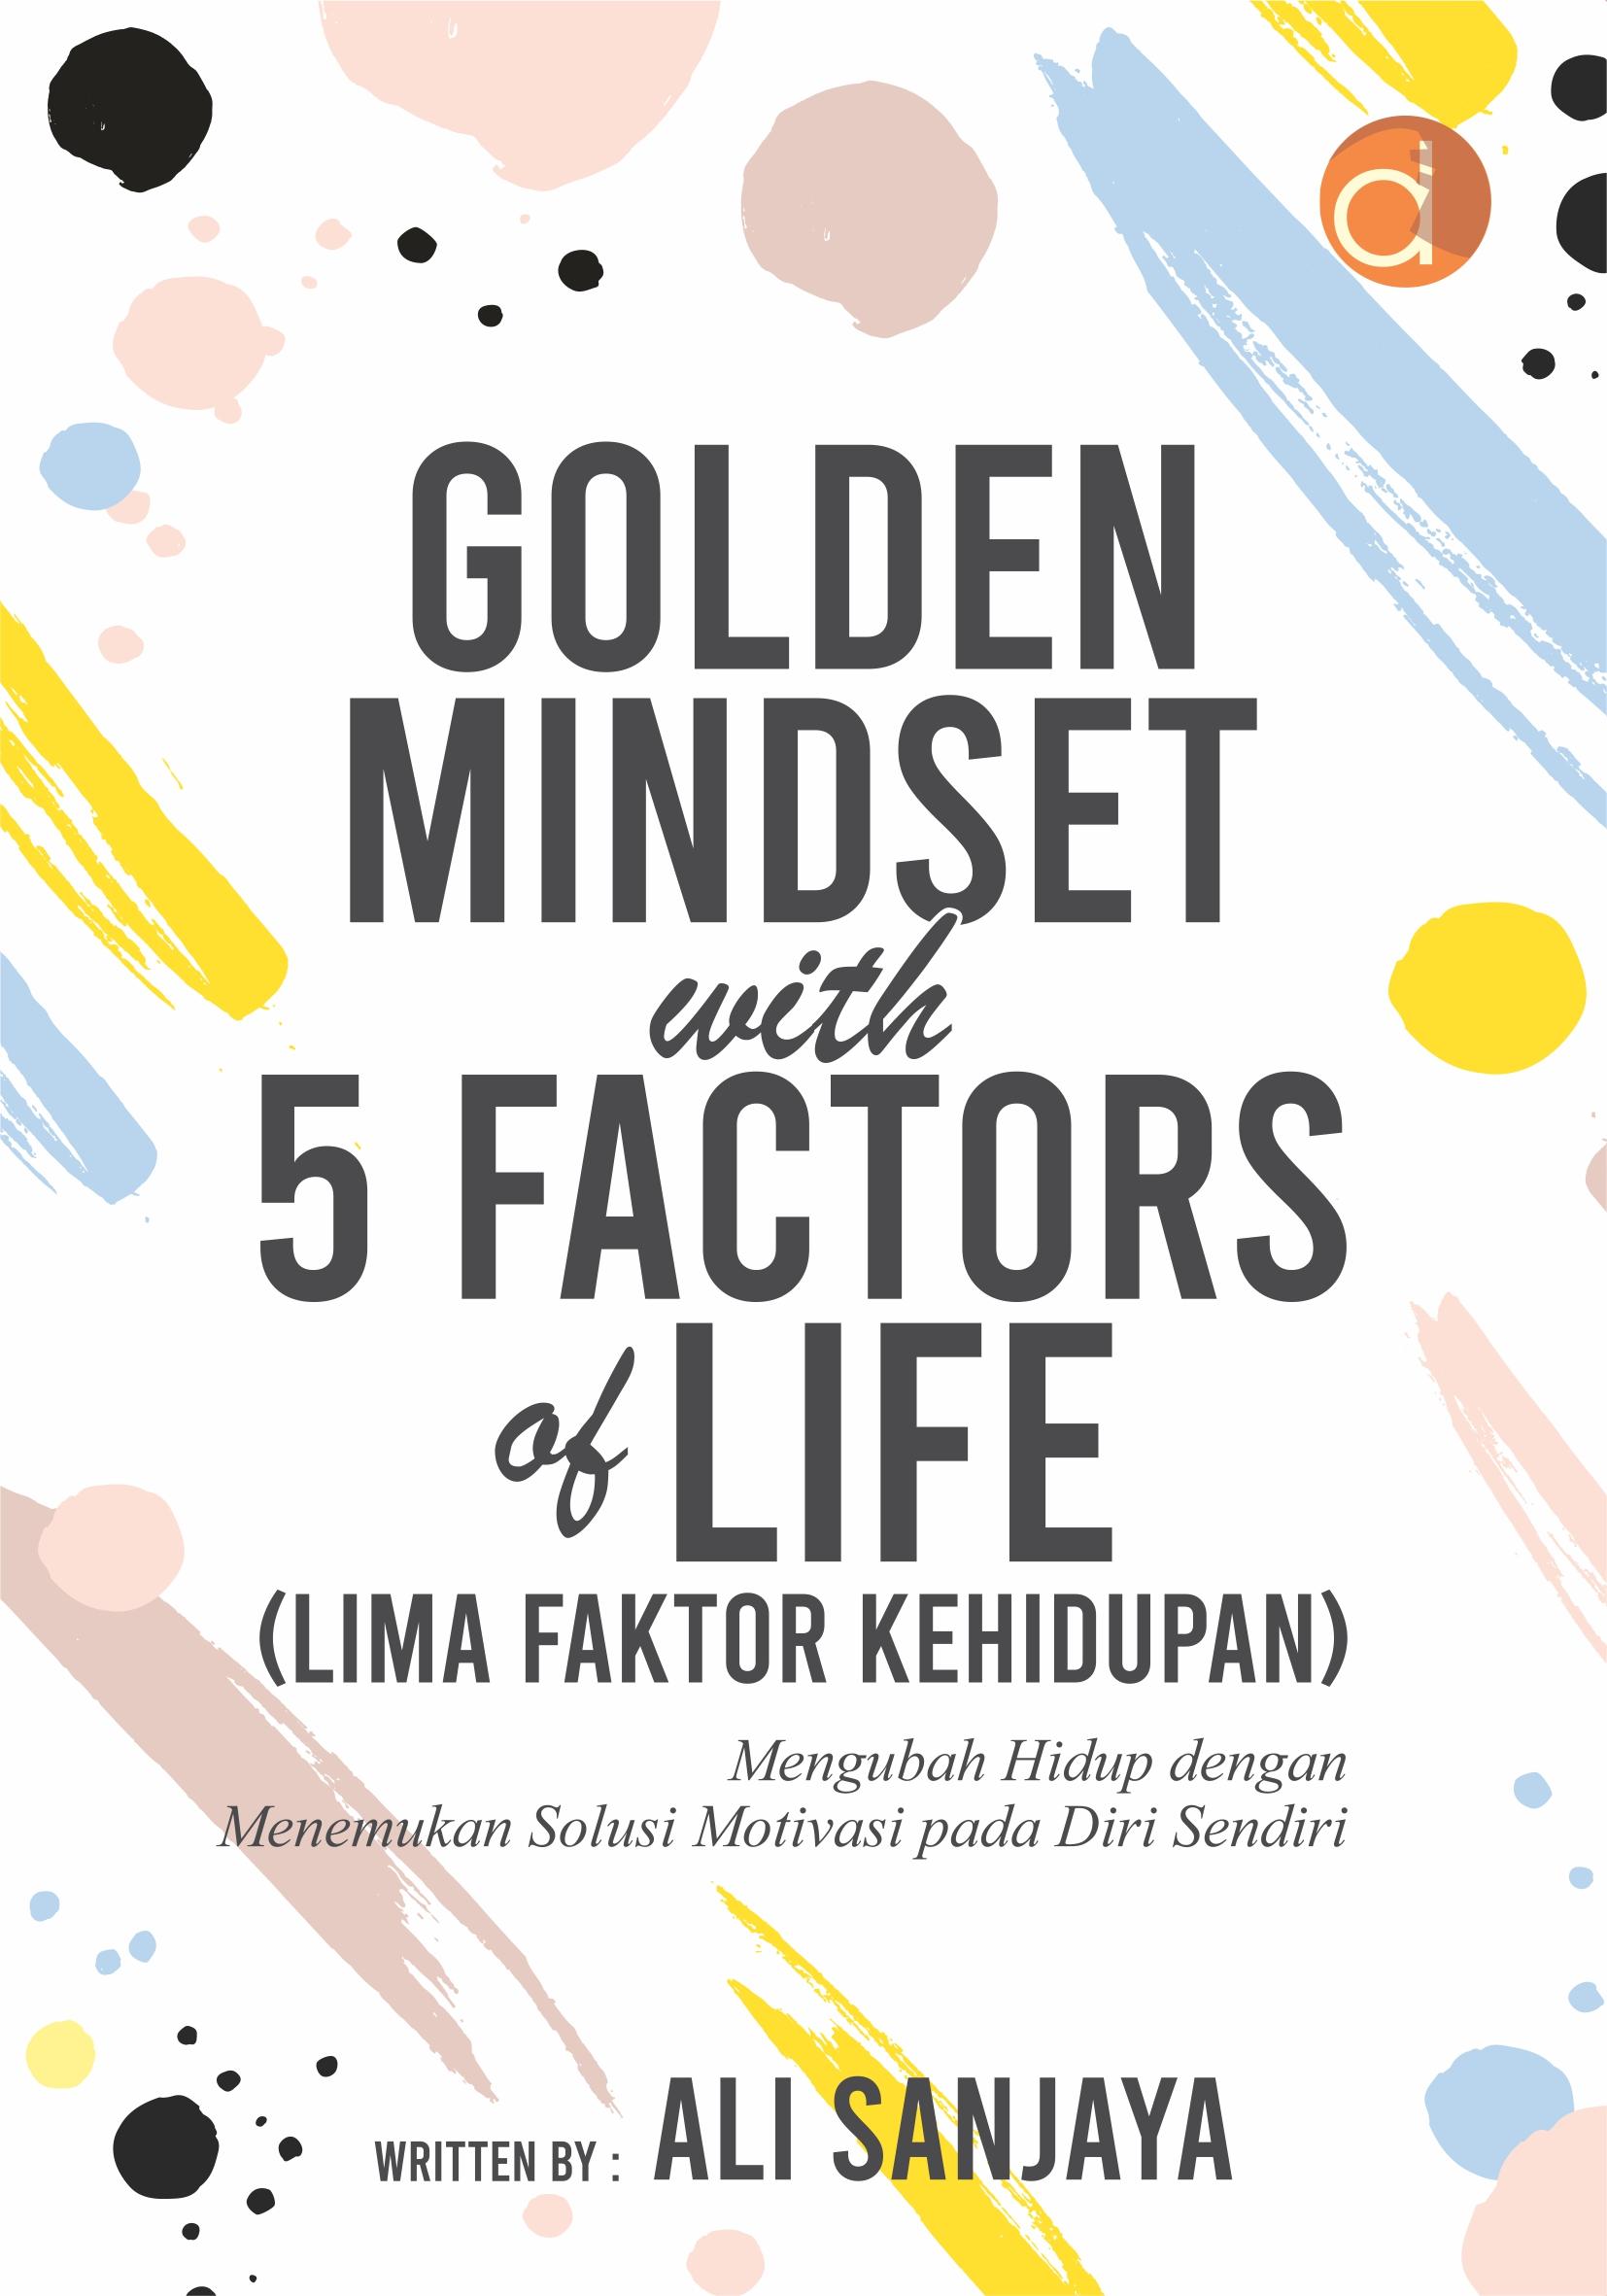 Golden mindset with 5 factors of life (lima faktor kehidupan) [sumber elektronis] : mengubah hidup dengan menemukan solusi motivasi pada diri sendiri